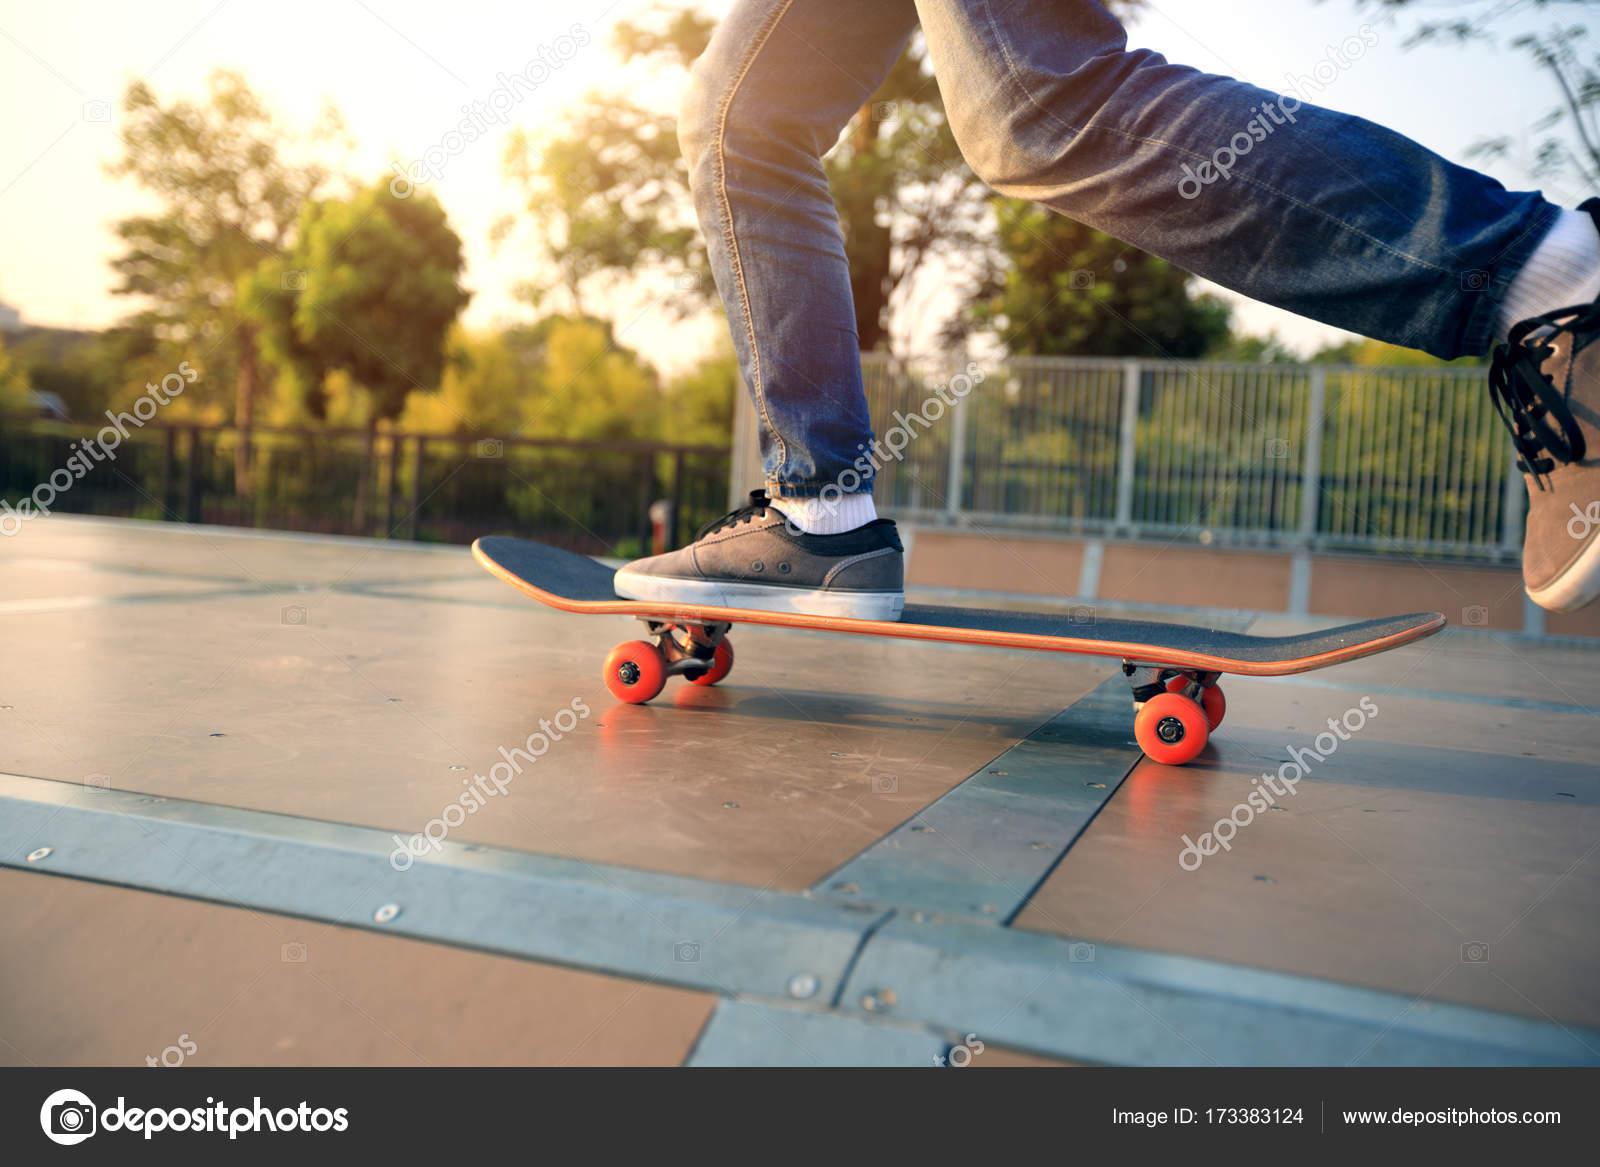 Skateboarder Uben Auf Rampe Stockfoto C Lzf 173383124